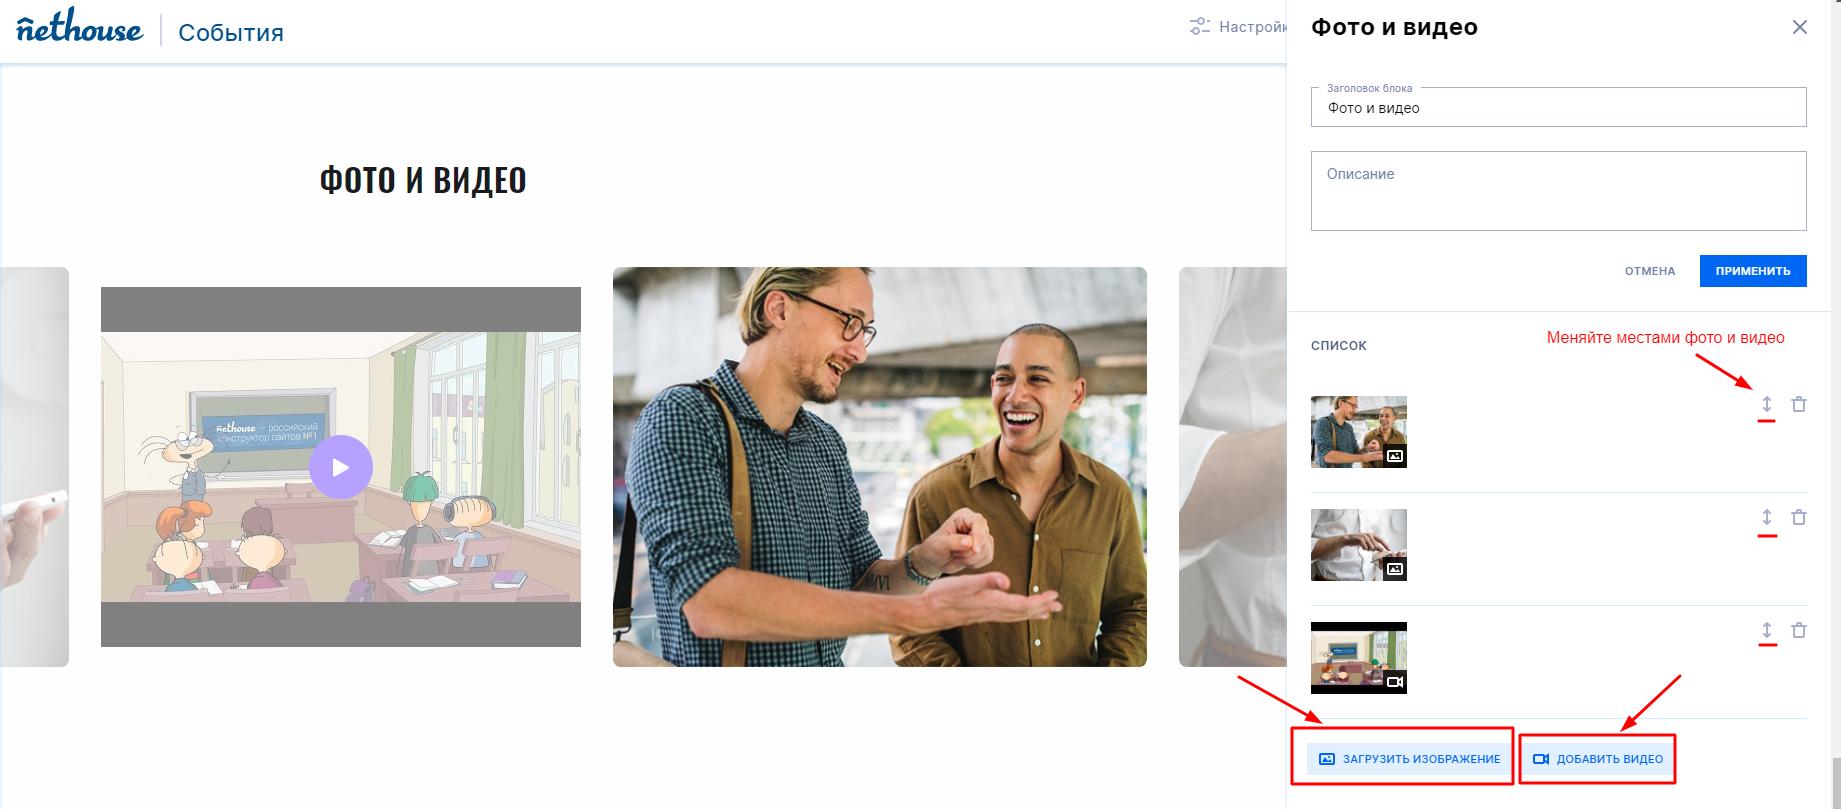 Как добавить на страницу фото и видео?